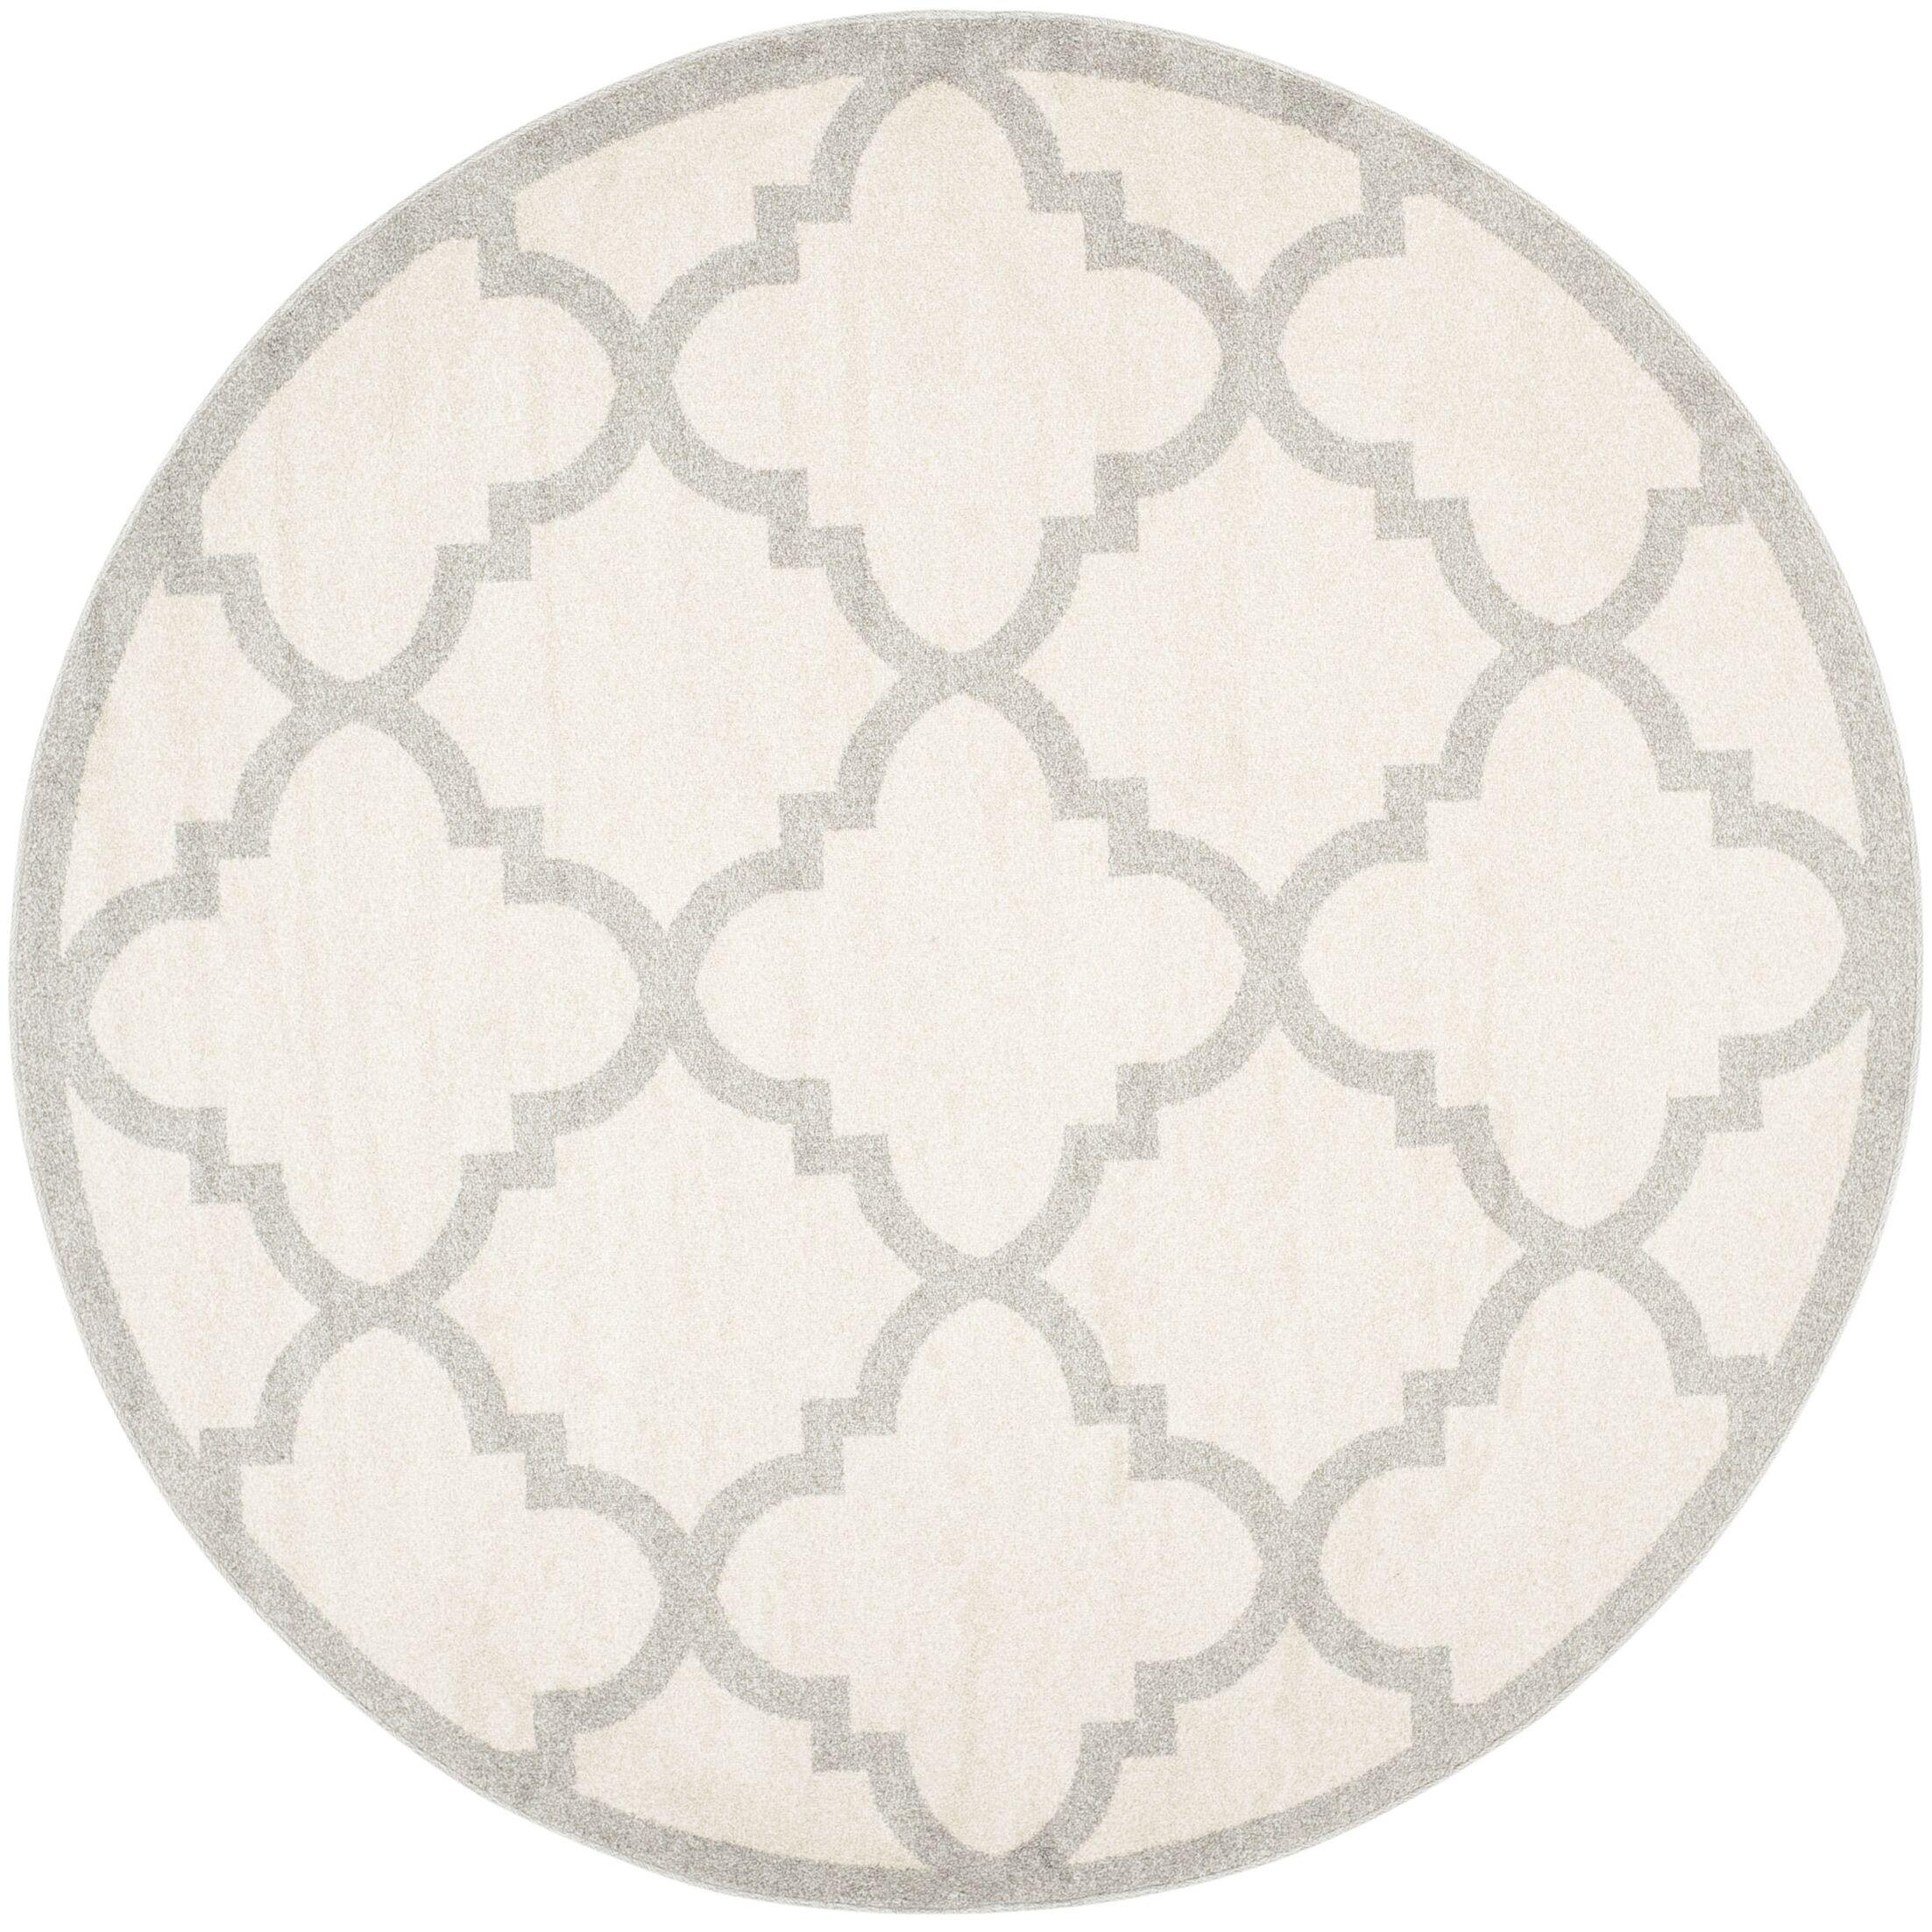 Maritza Beige & Light Gray Indoor/Outdoor Area Rug Rug Size: Round 7'